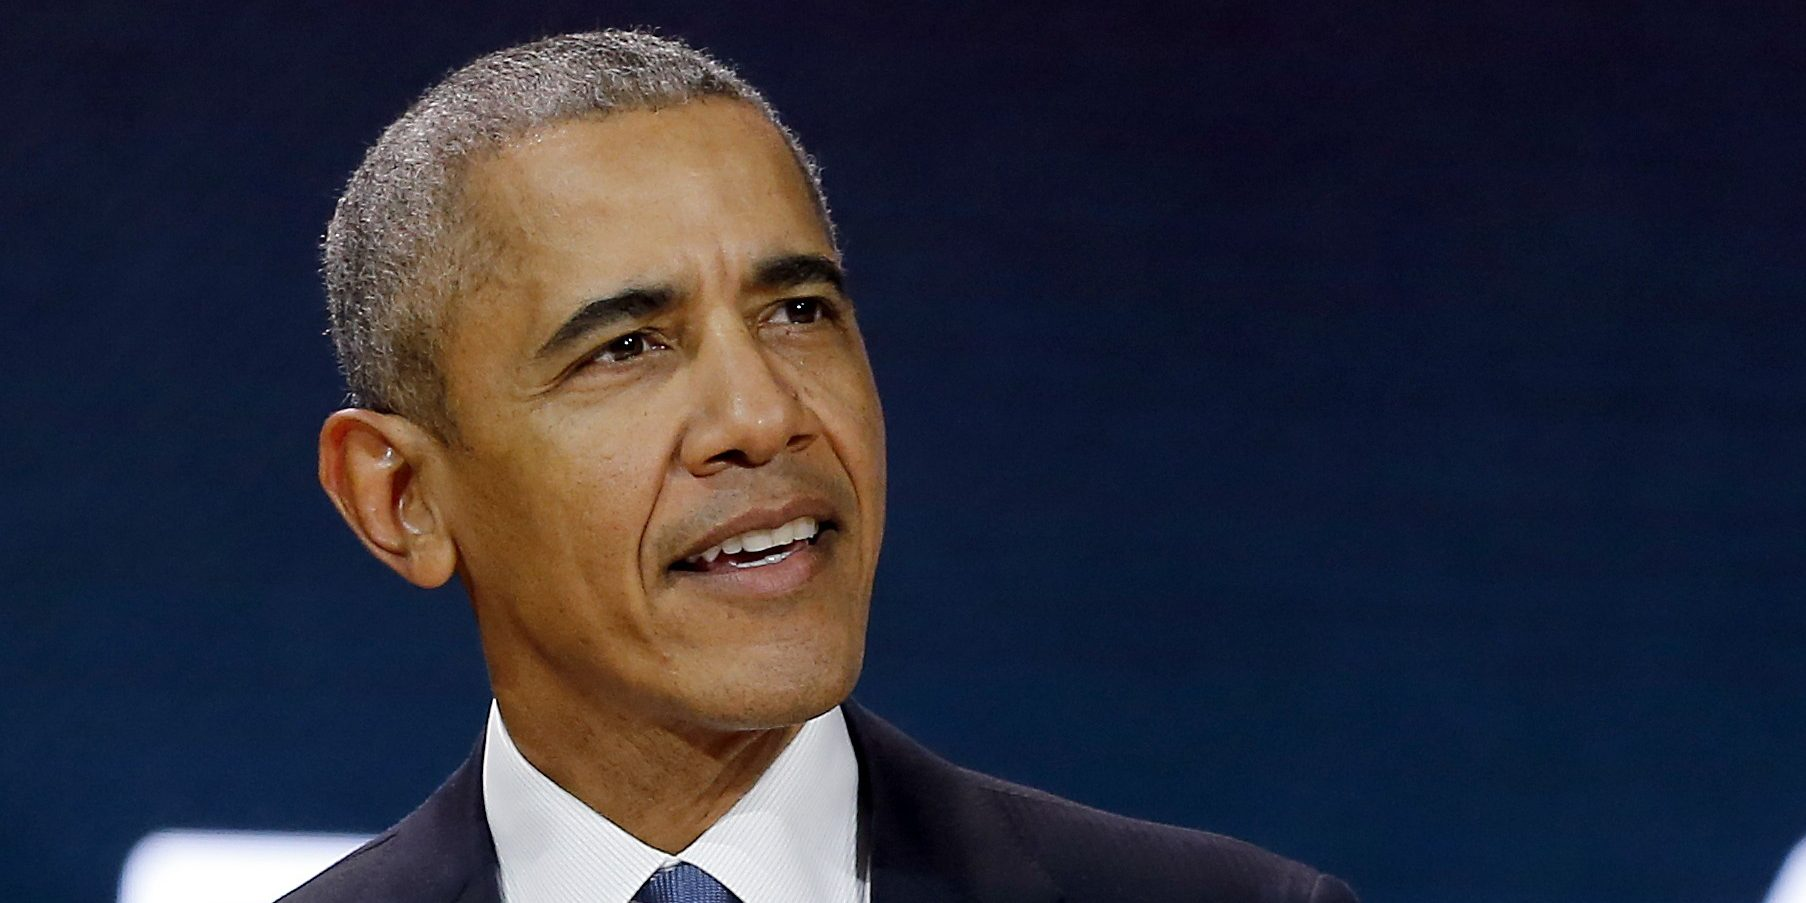 Barack Obama: Γράφει βιβλίο στο οποίο περιγράφει όσα έζησε στον Λευκό Οίκο